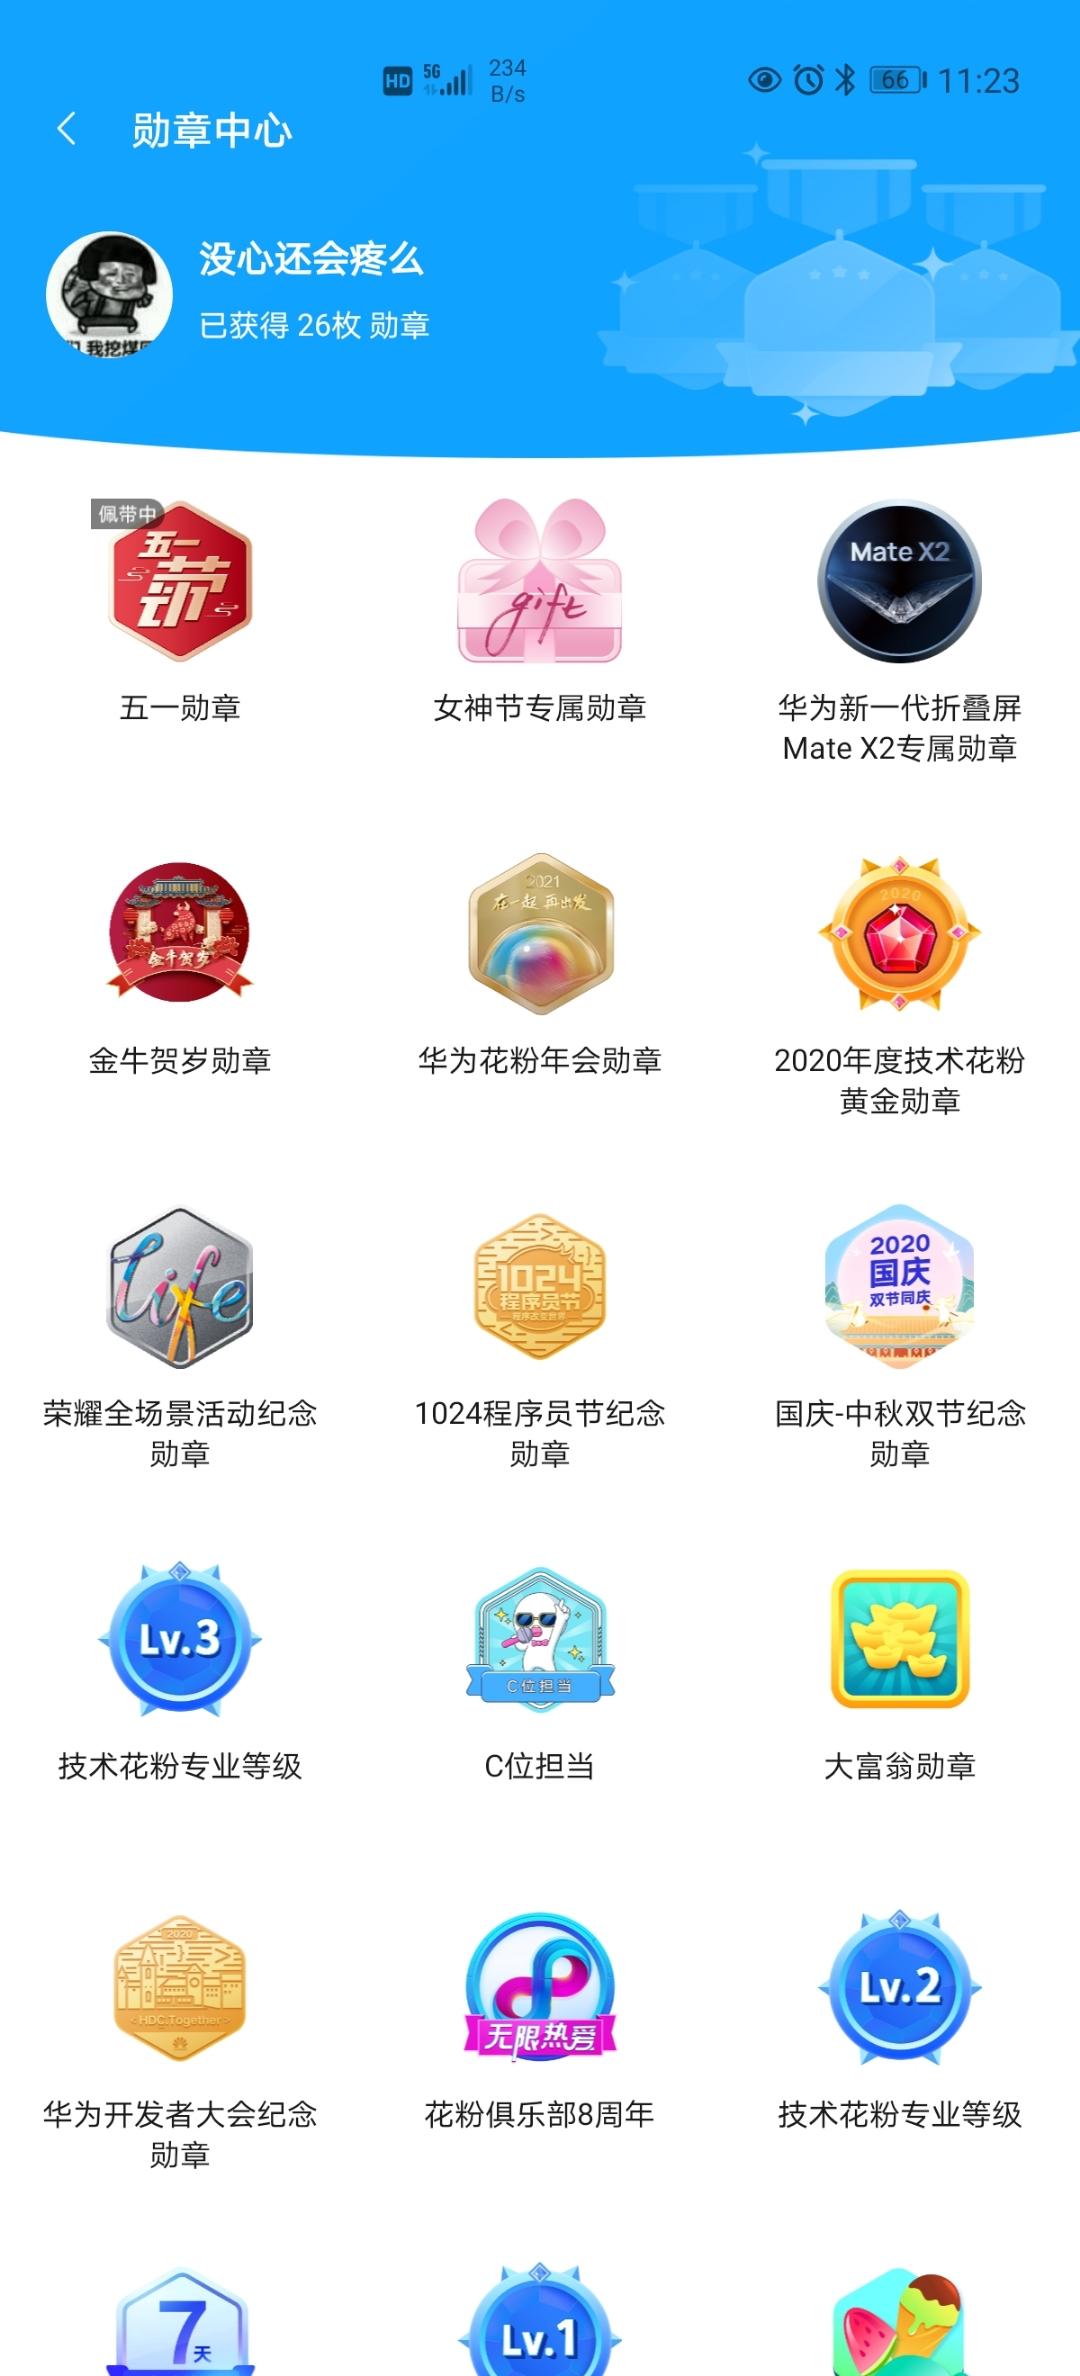 Screenshot_20210428_112312_com.huawei.fans.jpg